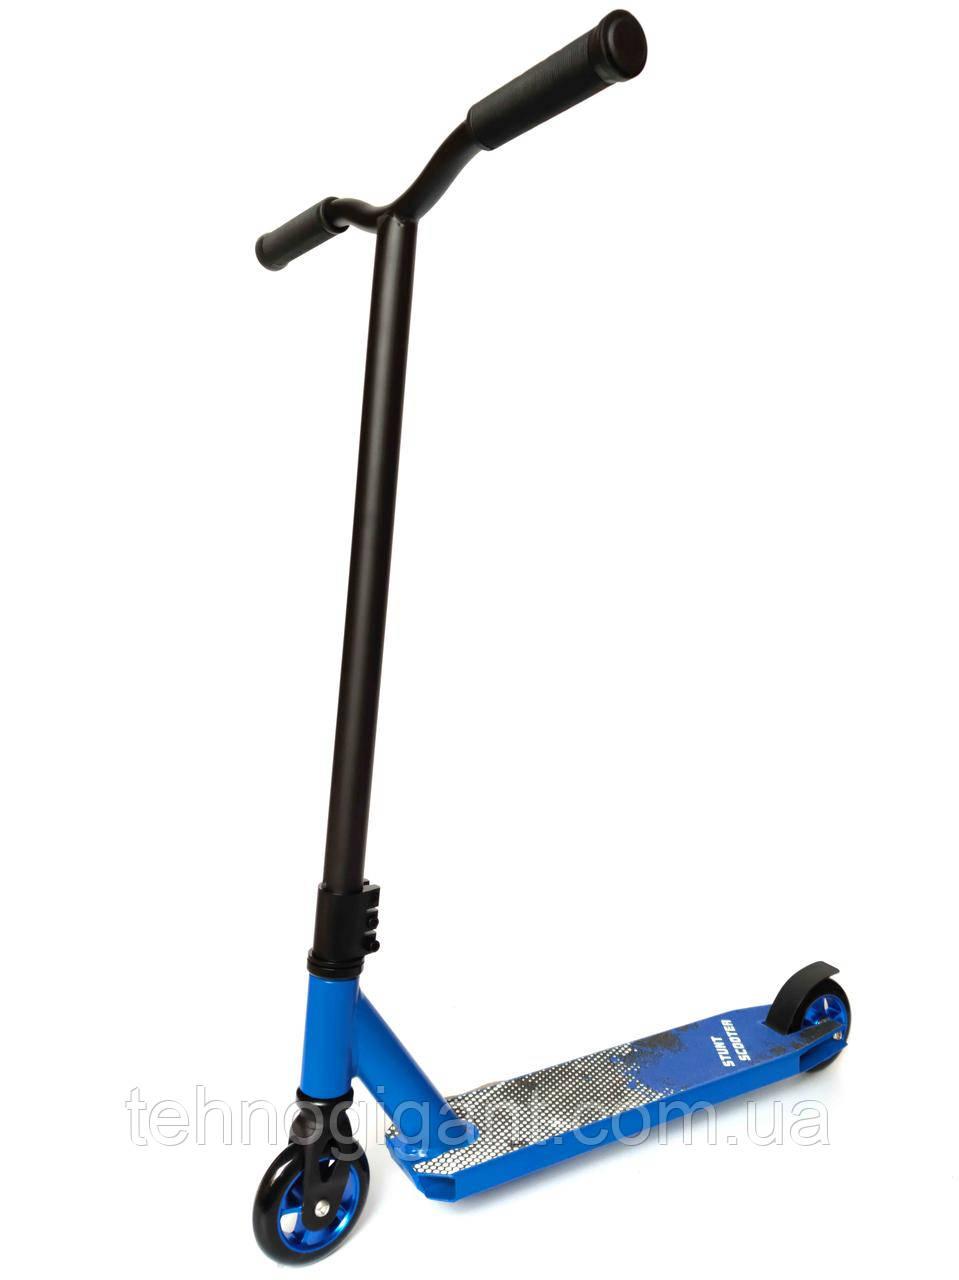 Трюковий Самокат від Stunt HIC , 100 мм Синій , колеса алюміній/поліуретан